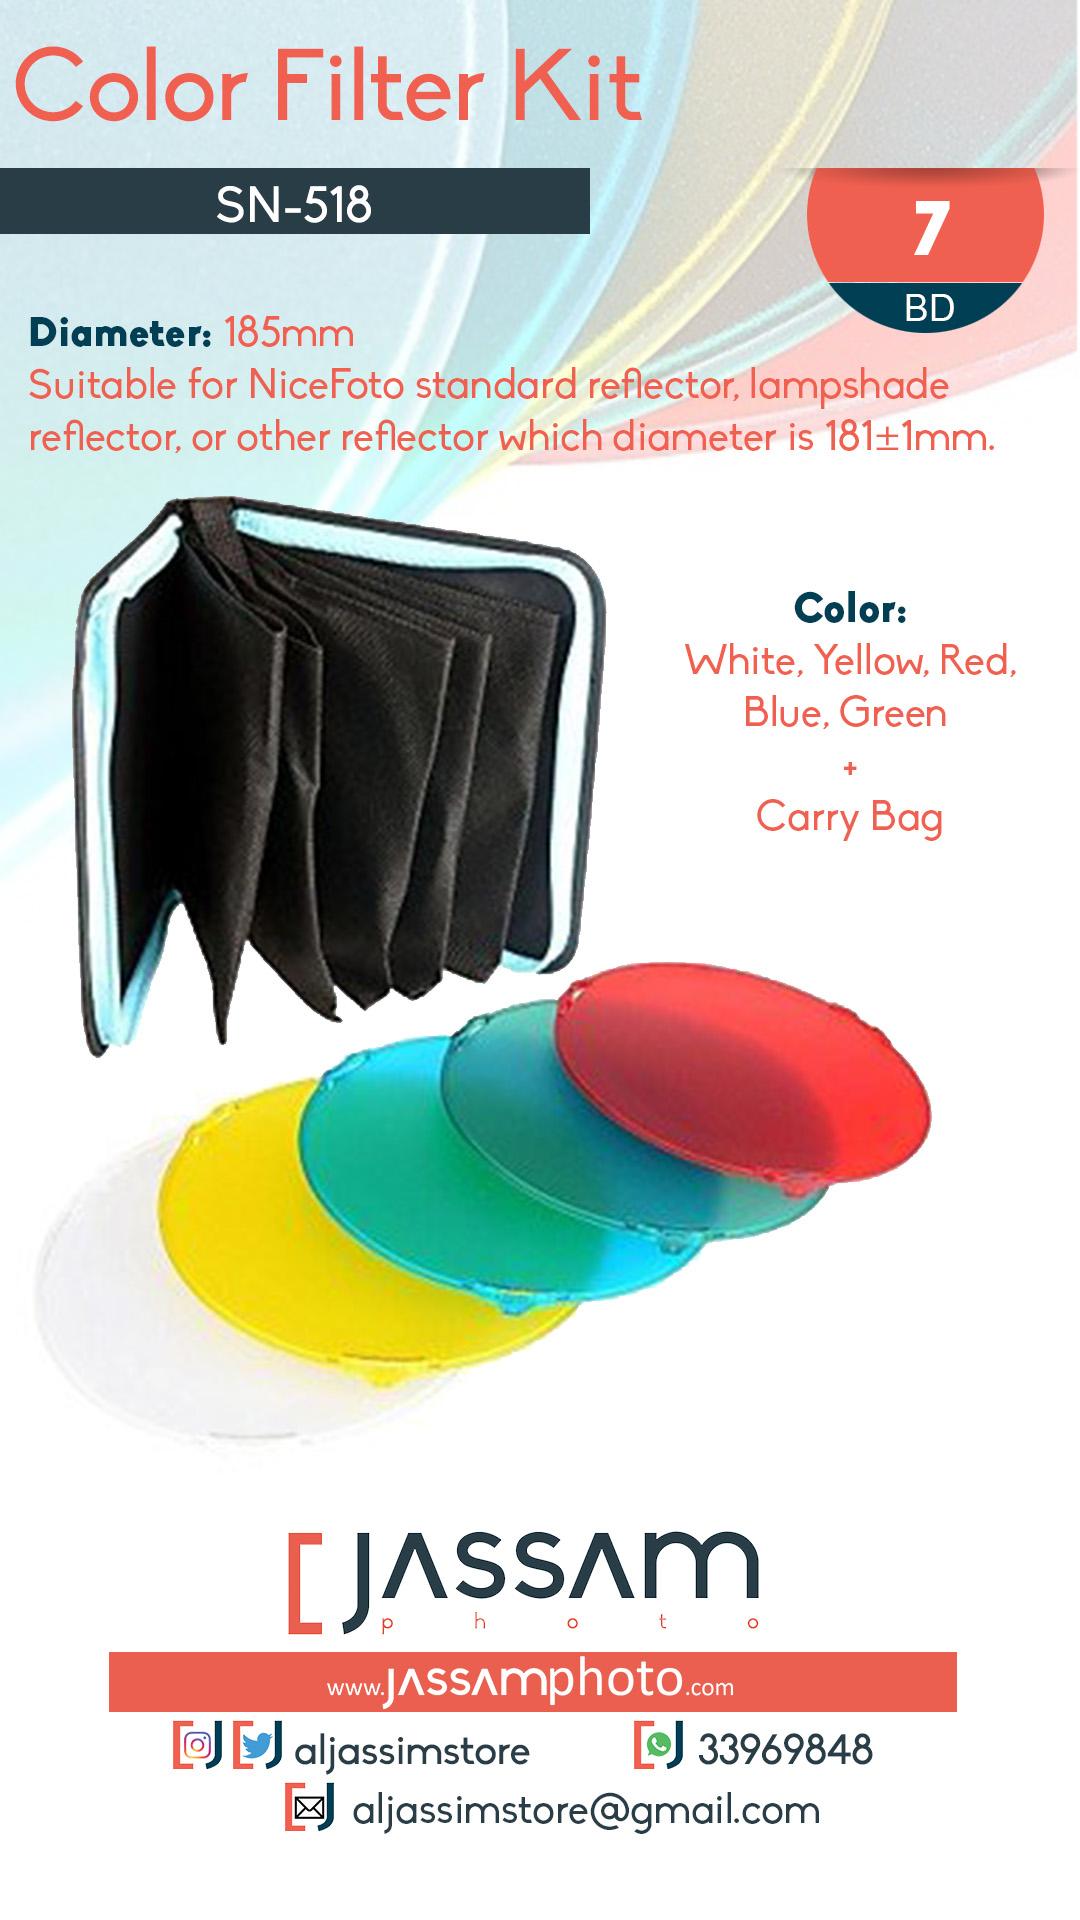 Color Filter Kit SN-518